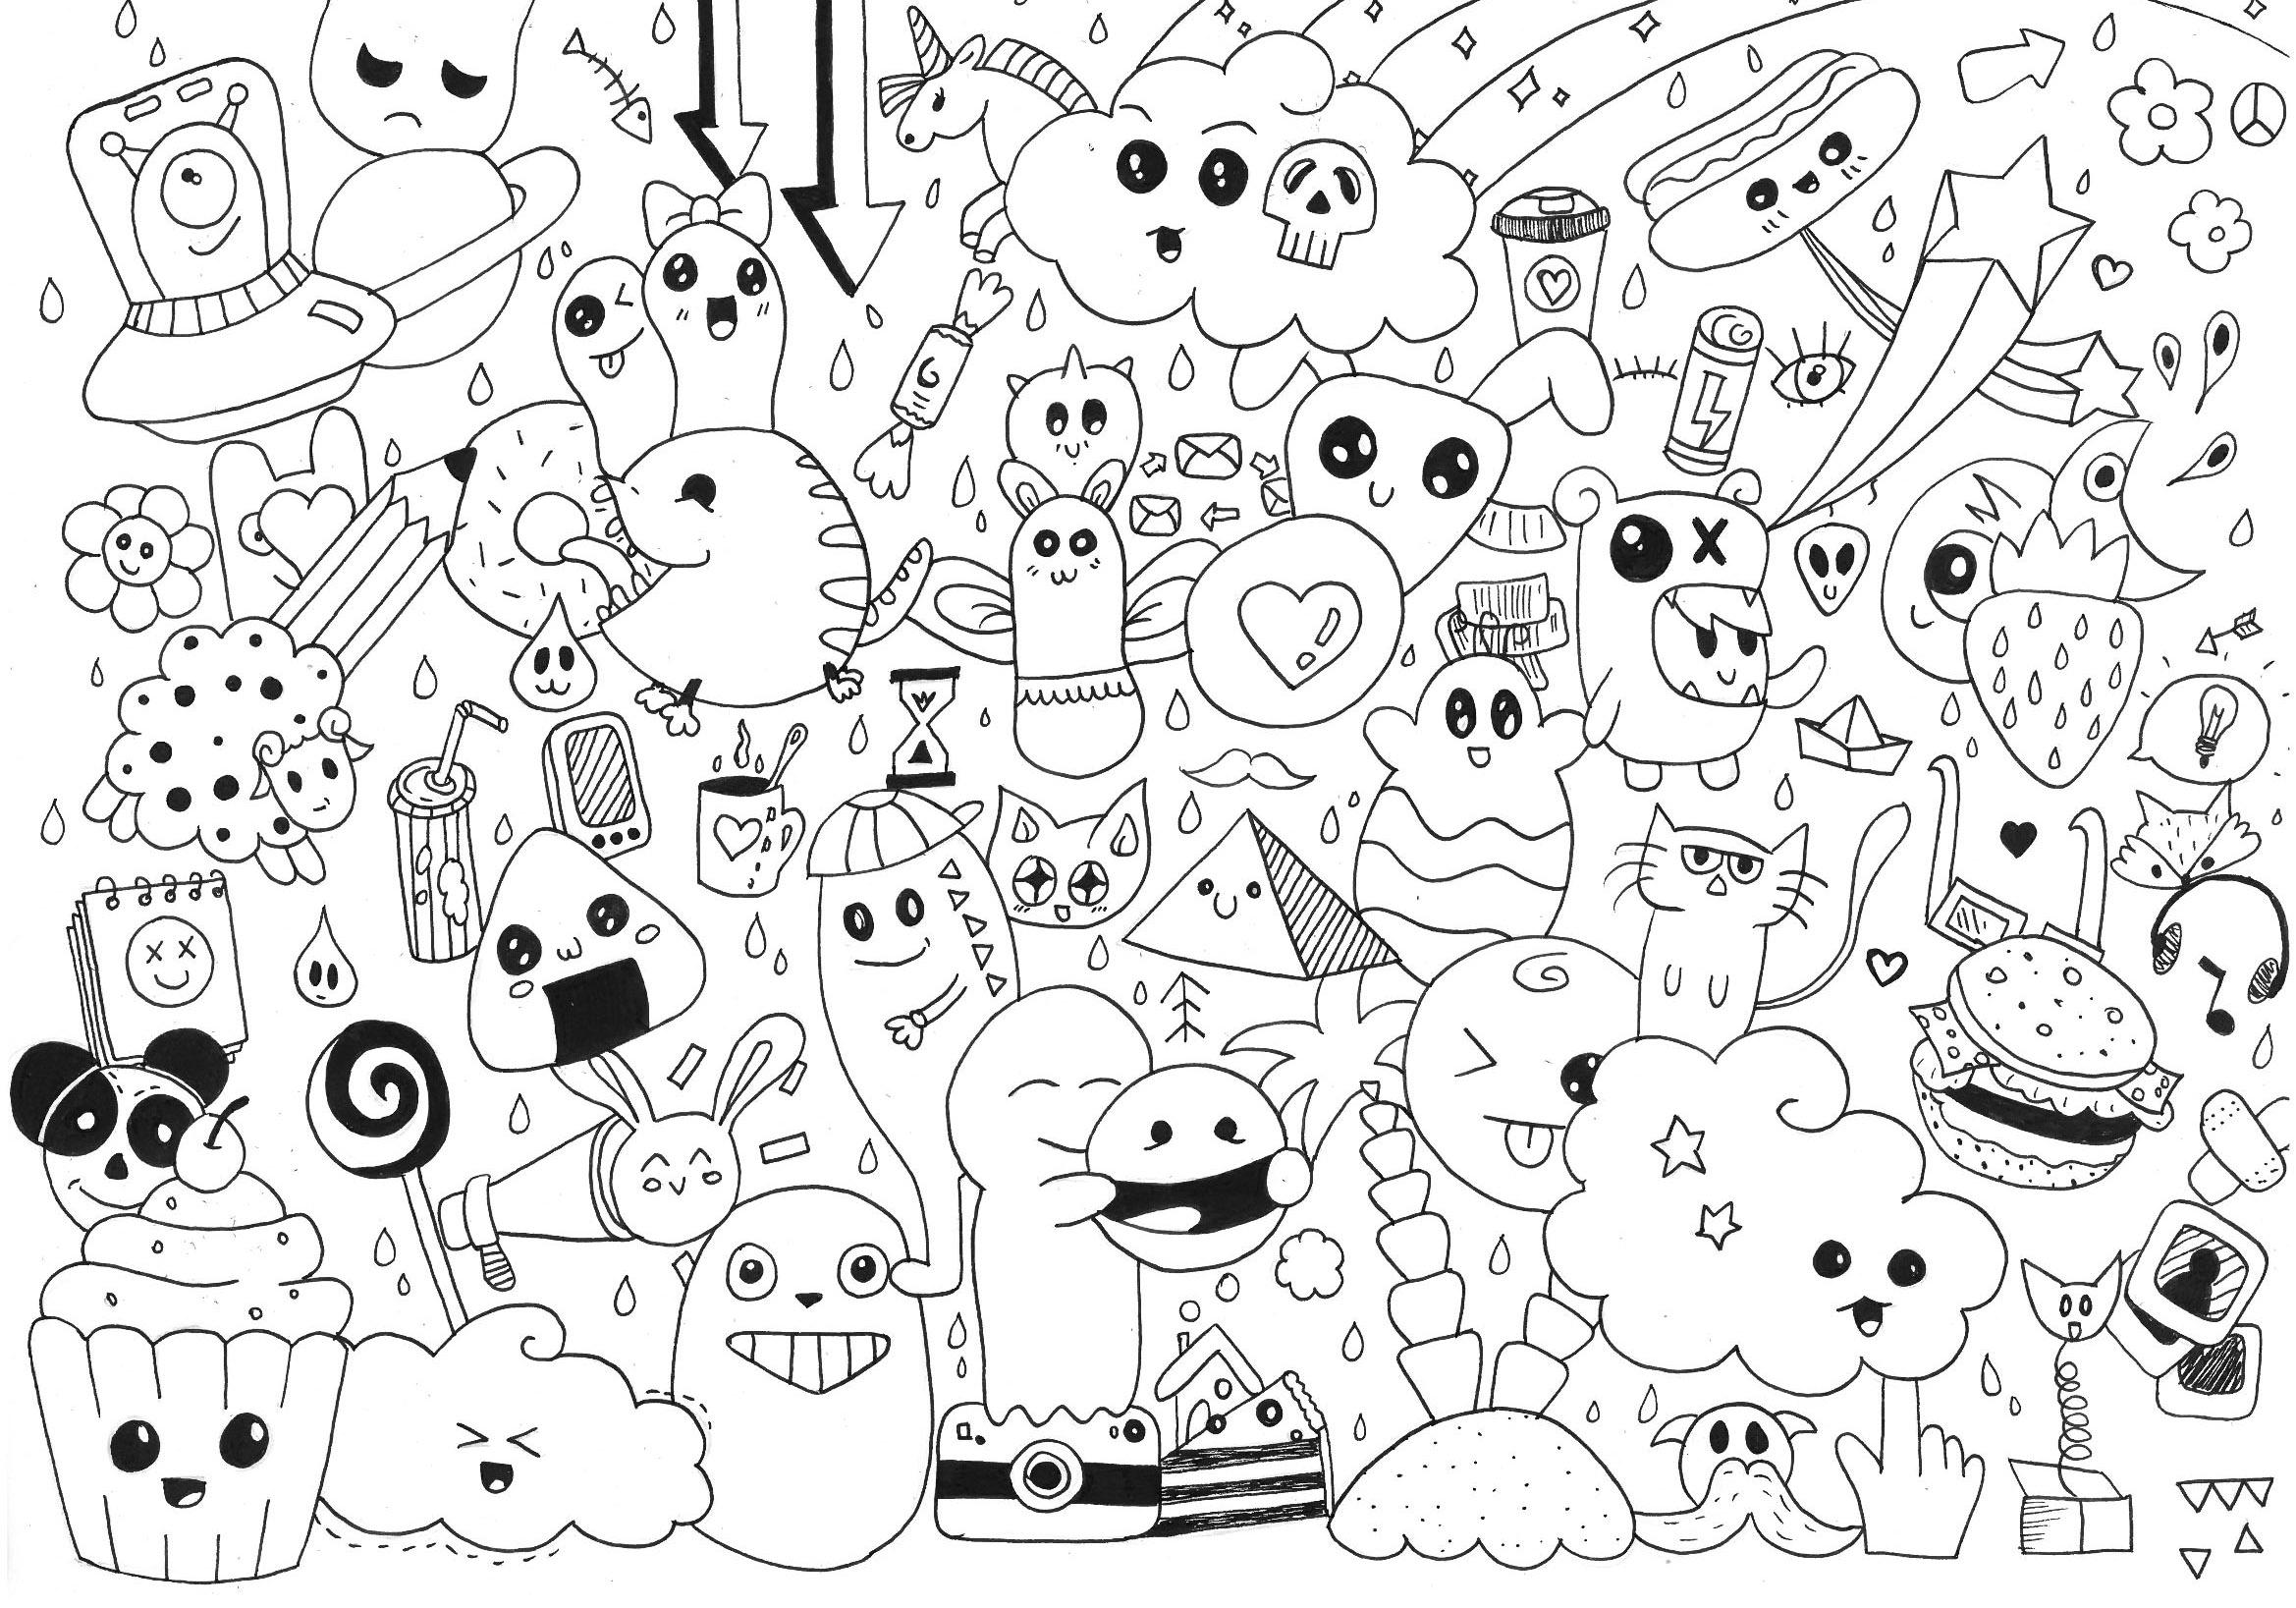 Plein de petits bonhommes, pour un Doodle sympathique et un coloriage agréable !